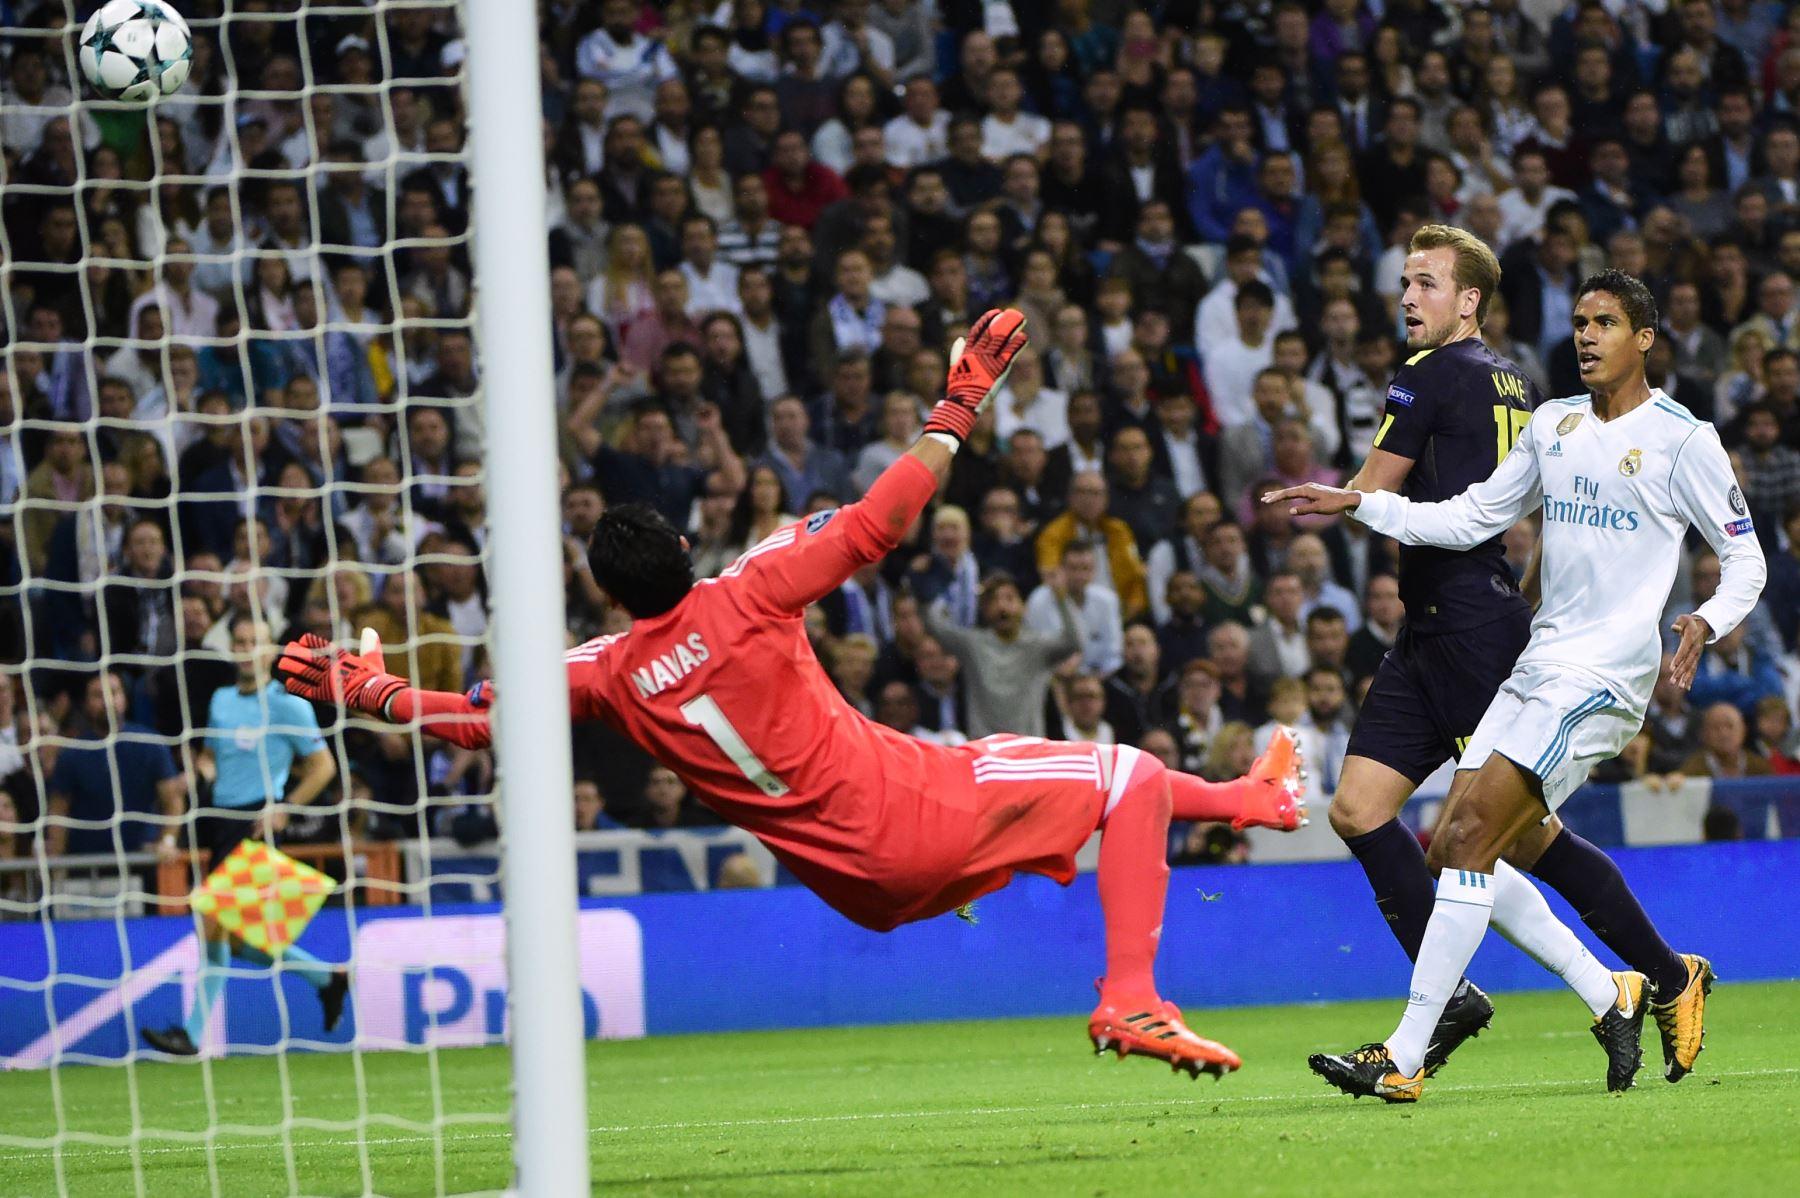 Real Madrid empata 1 a 1 con el Tottenham por la liga de campeones de Europa. Foto: AFP